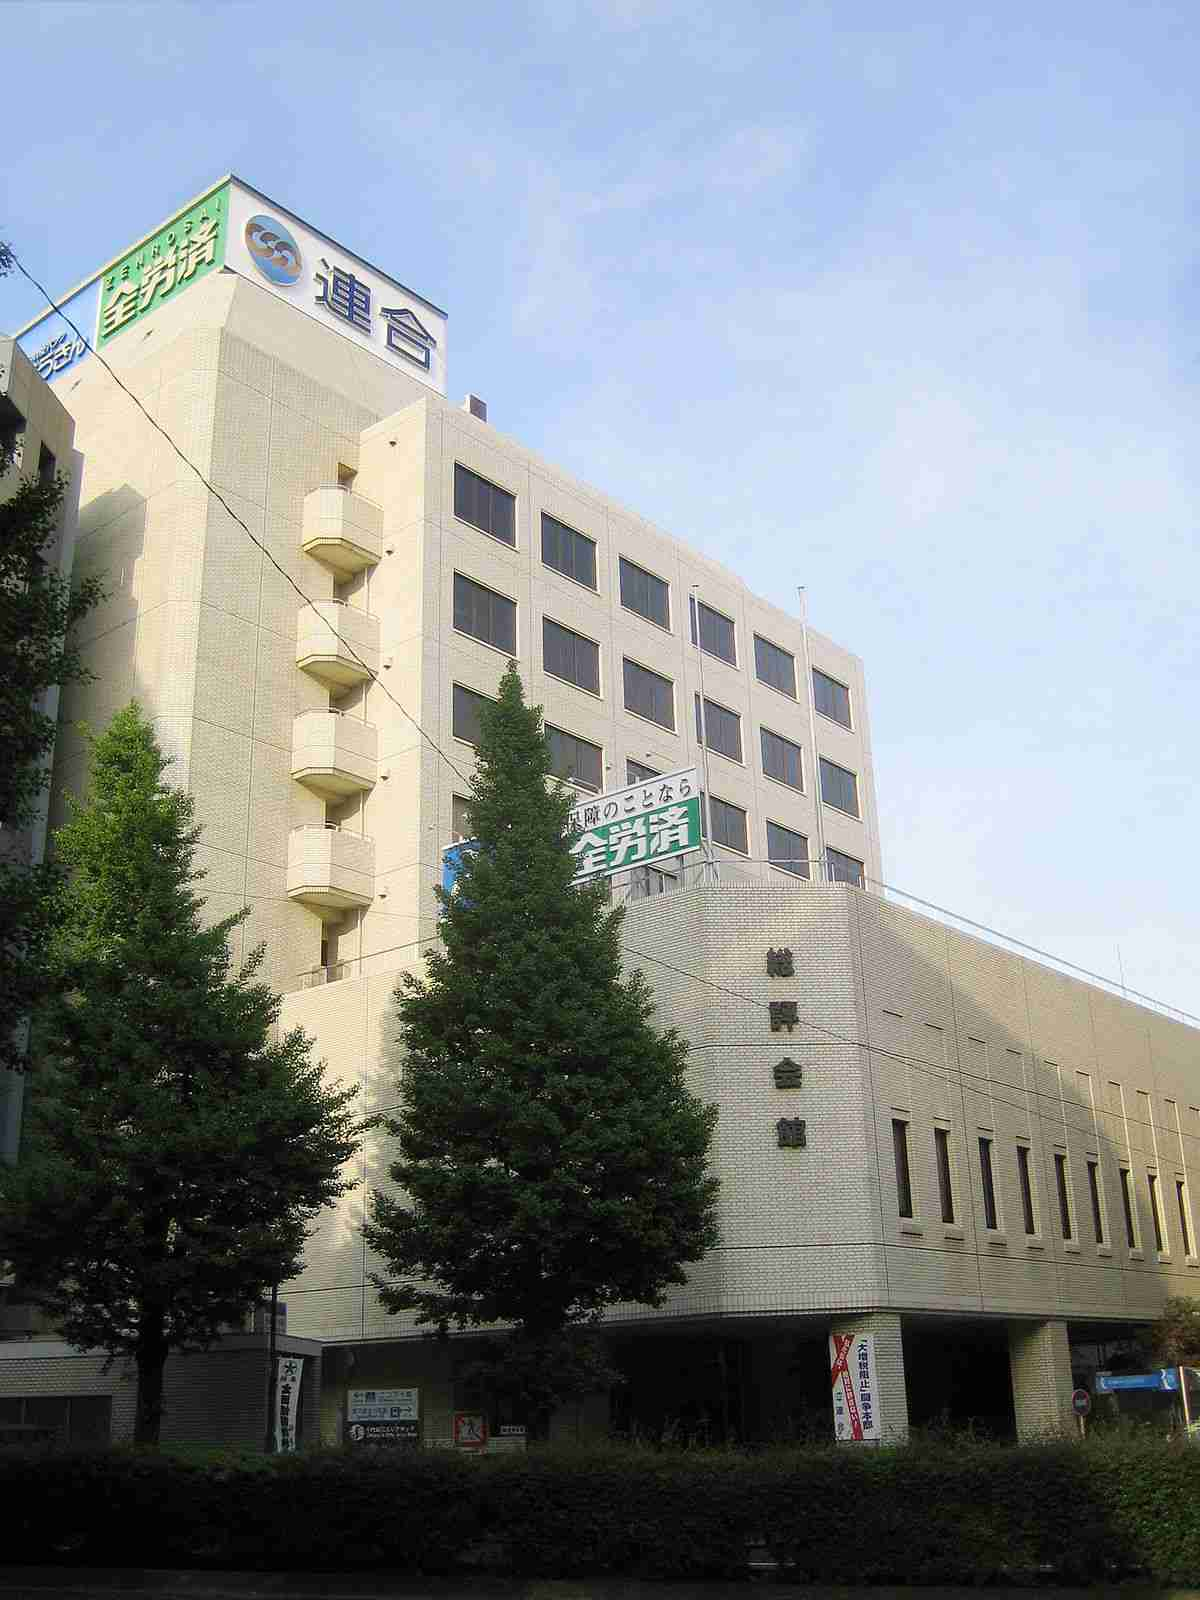 日本労働組合総連合会 - Wikipedia